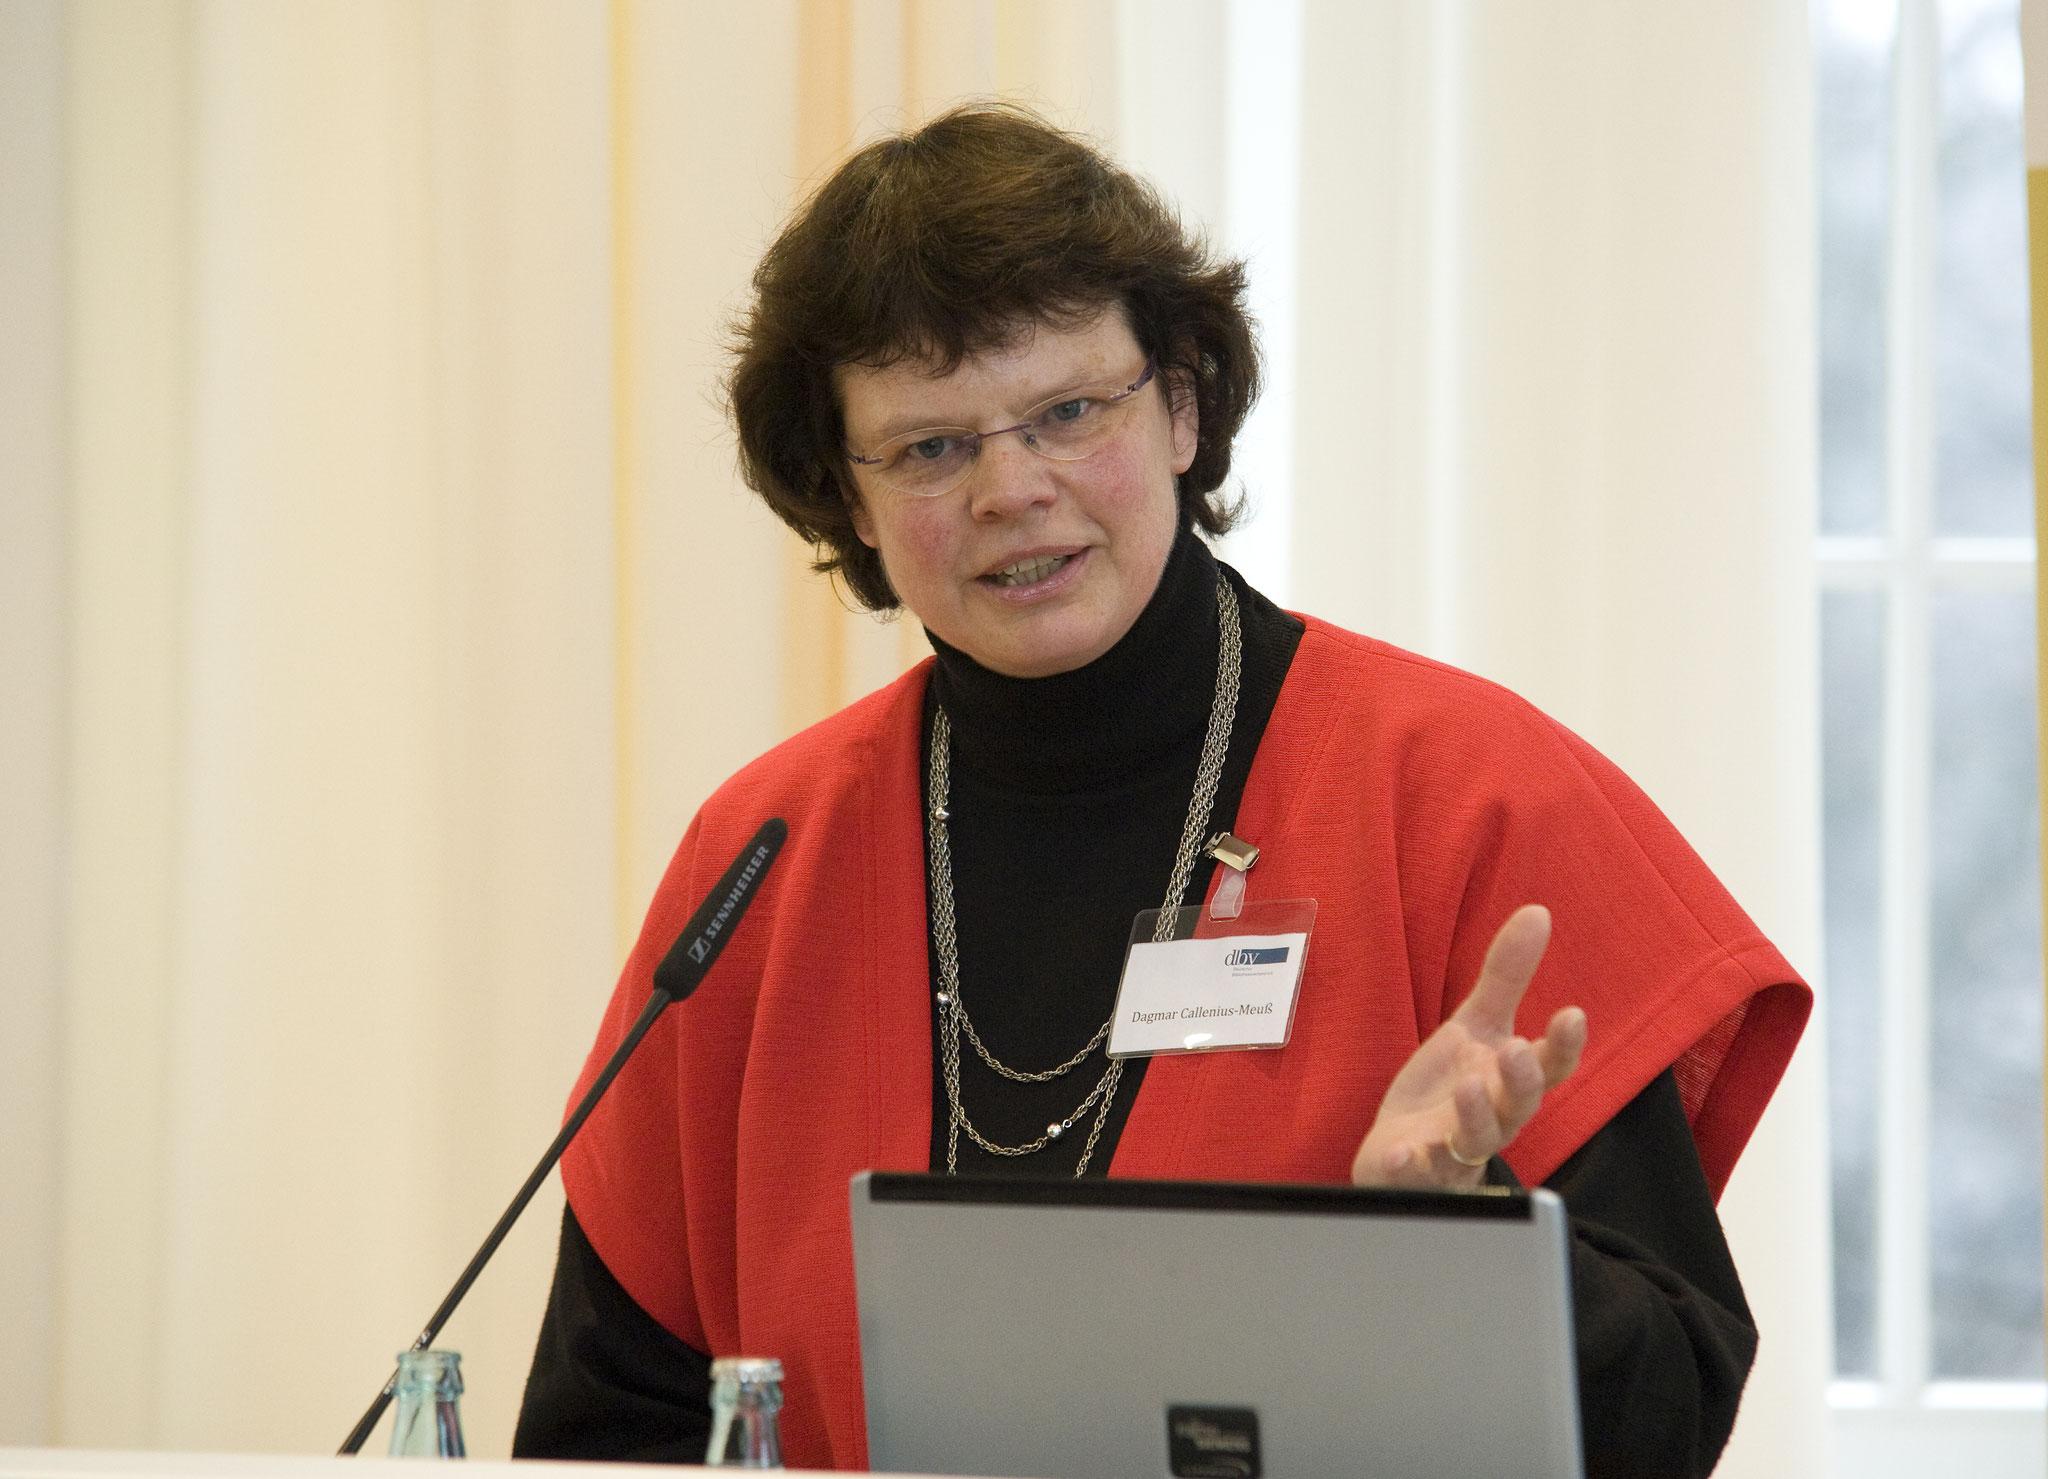 2013_Dagmar Callenius-Meuß neu gewählte 2. Stellvertreterin